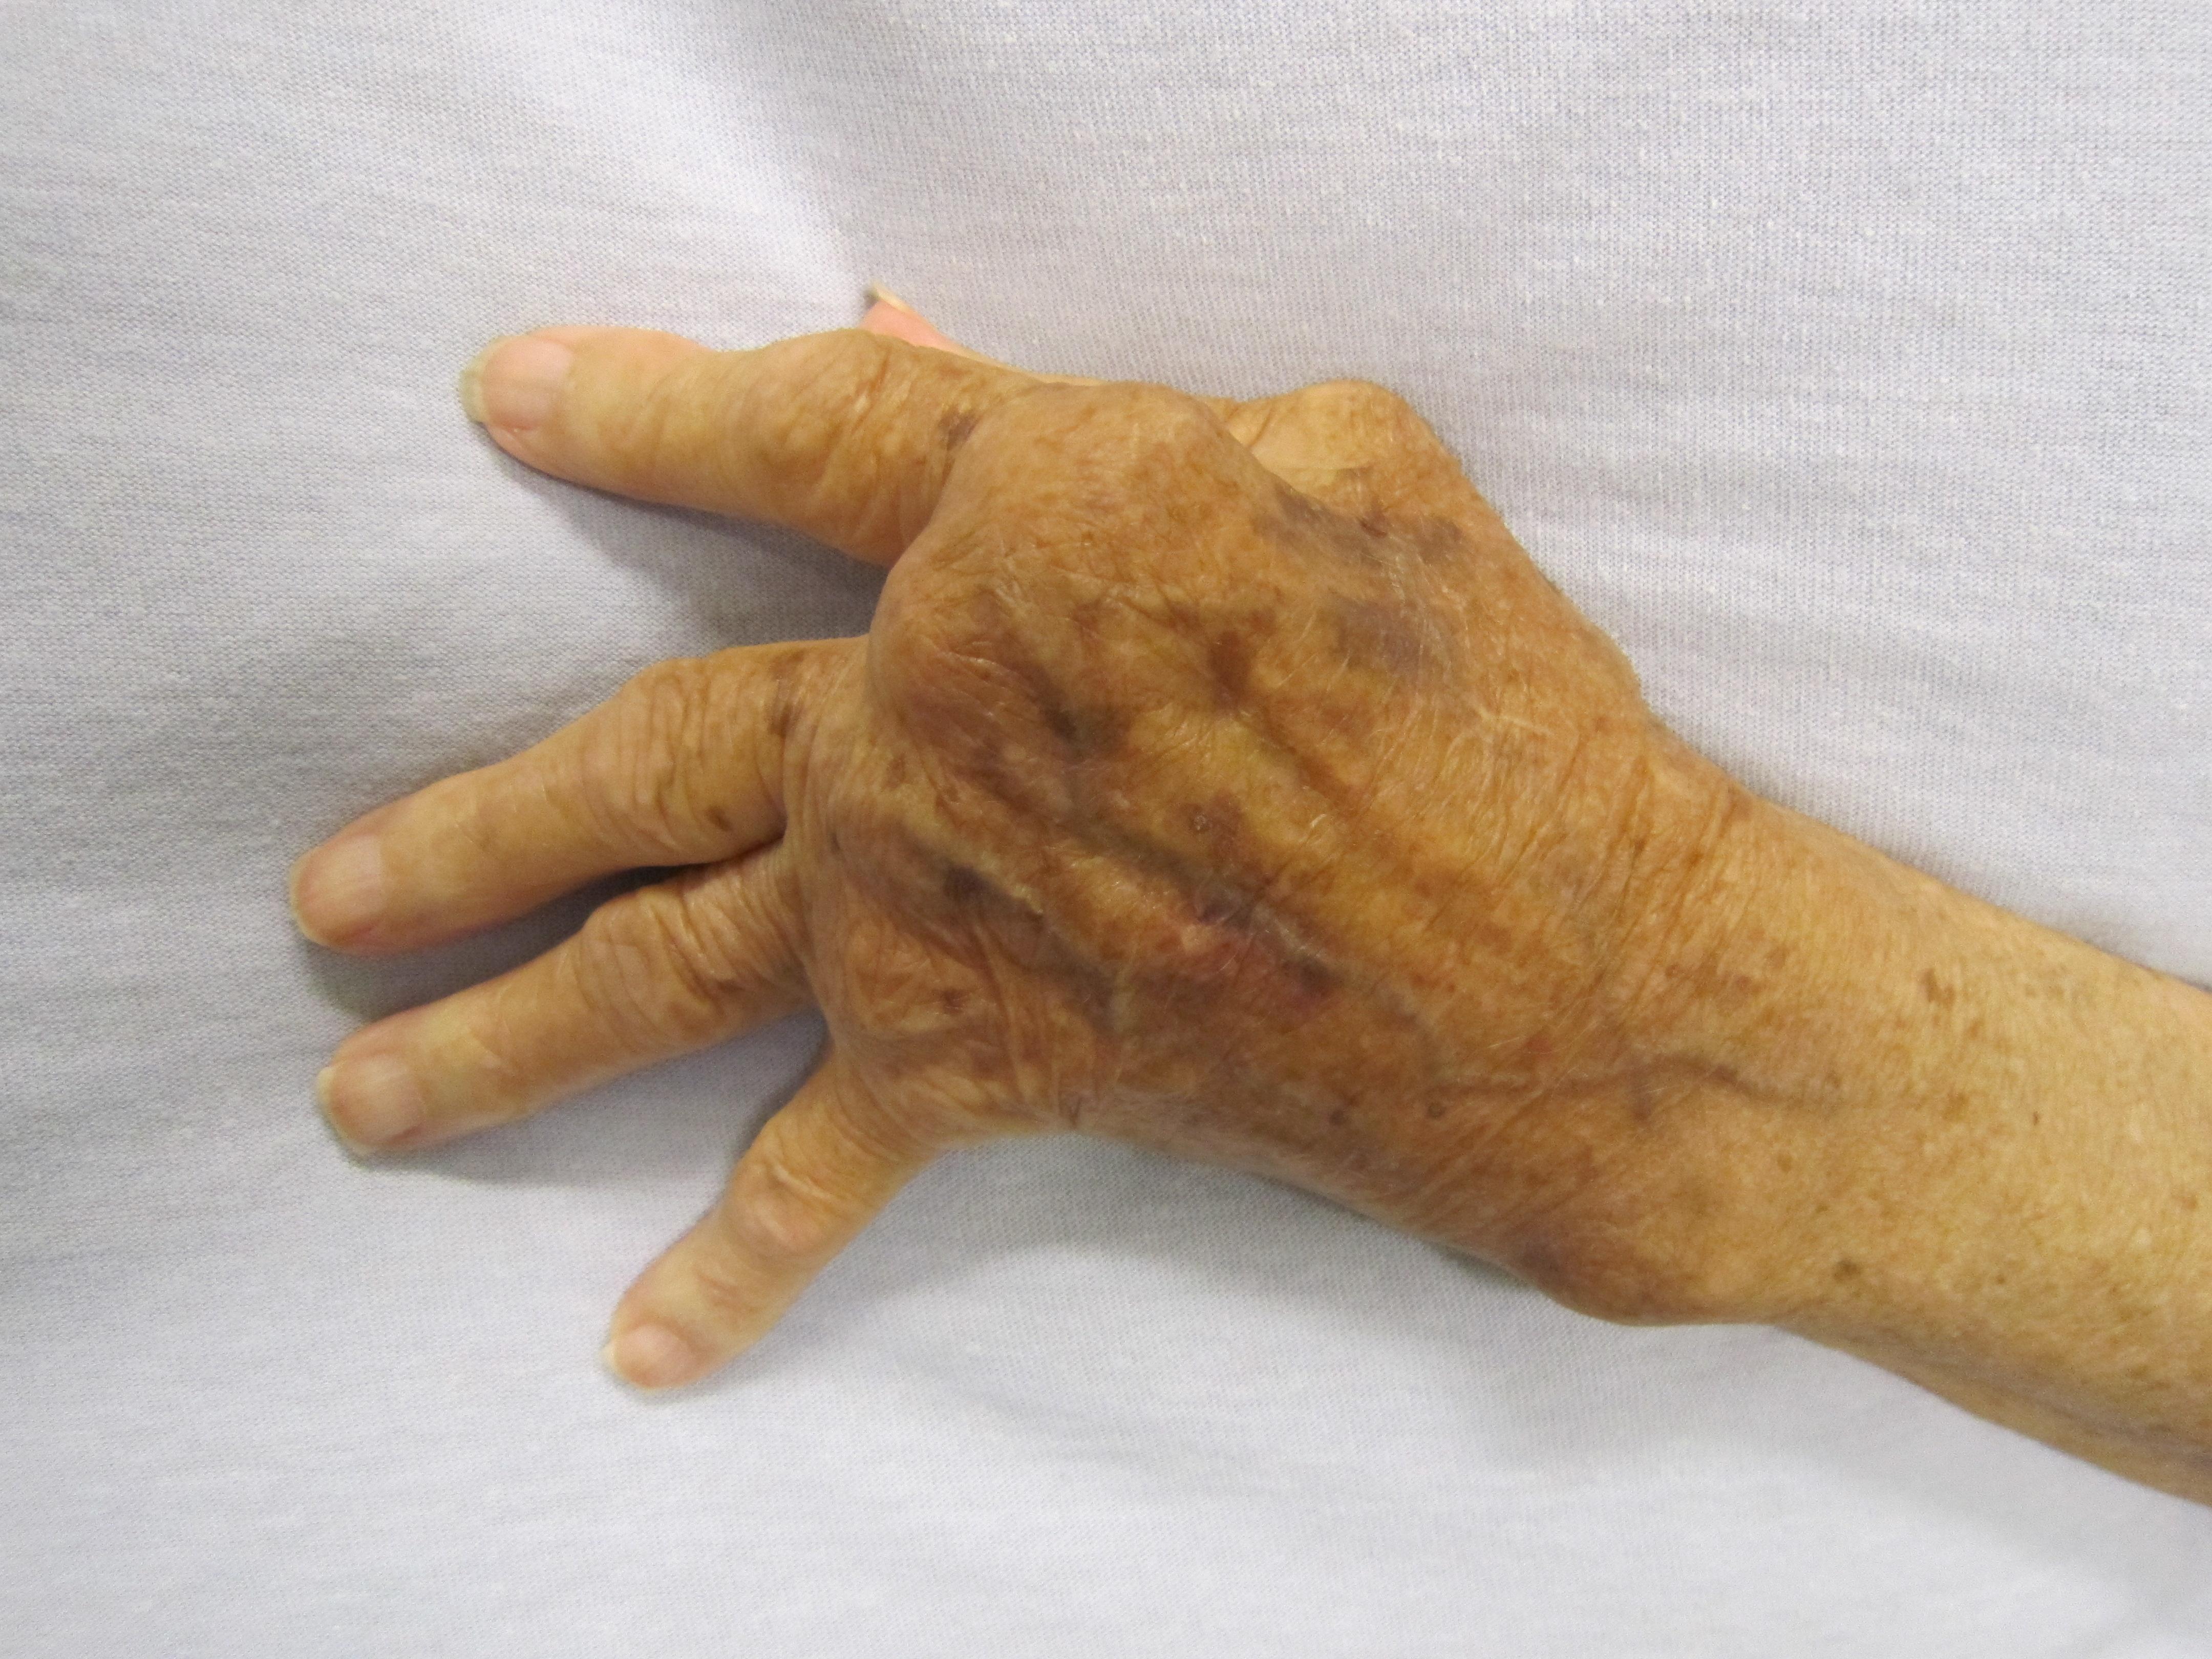 hogyan lehet gyorsan kezelni a rheumatoid arthritis izületi gyulladás gél